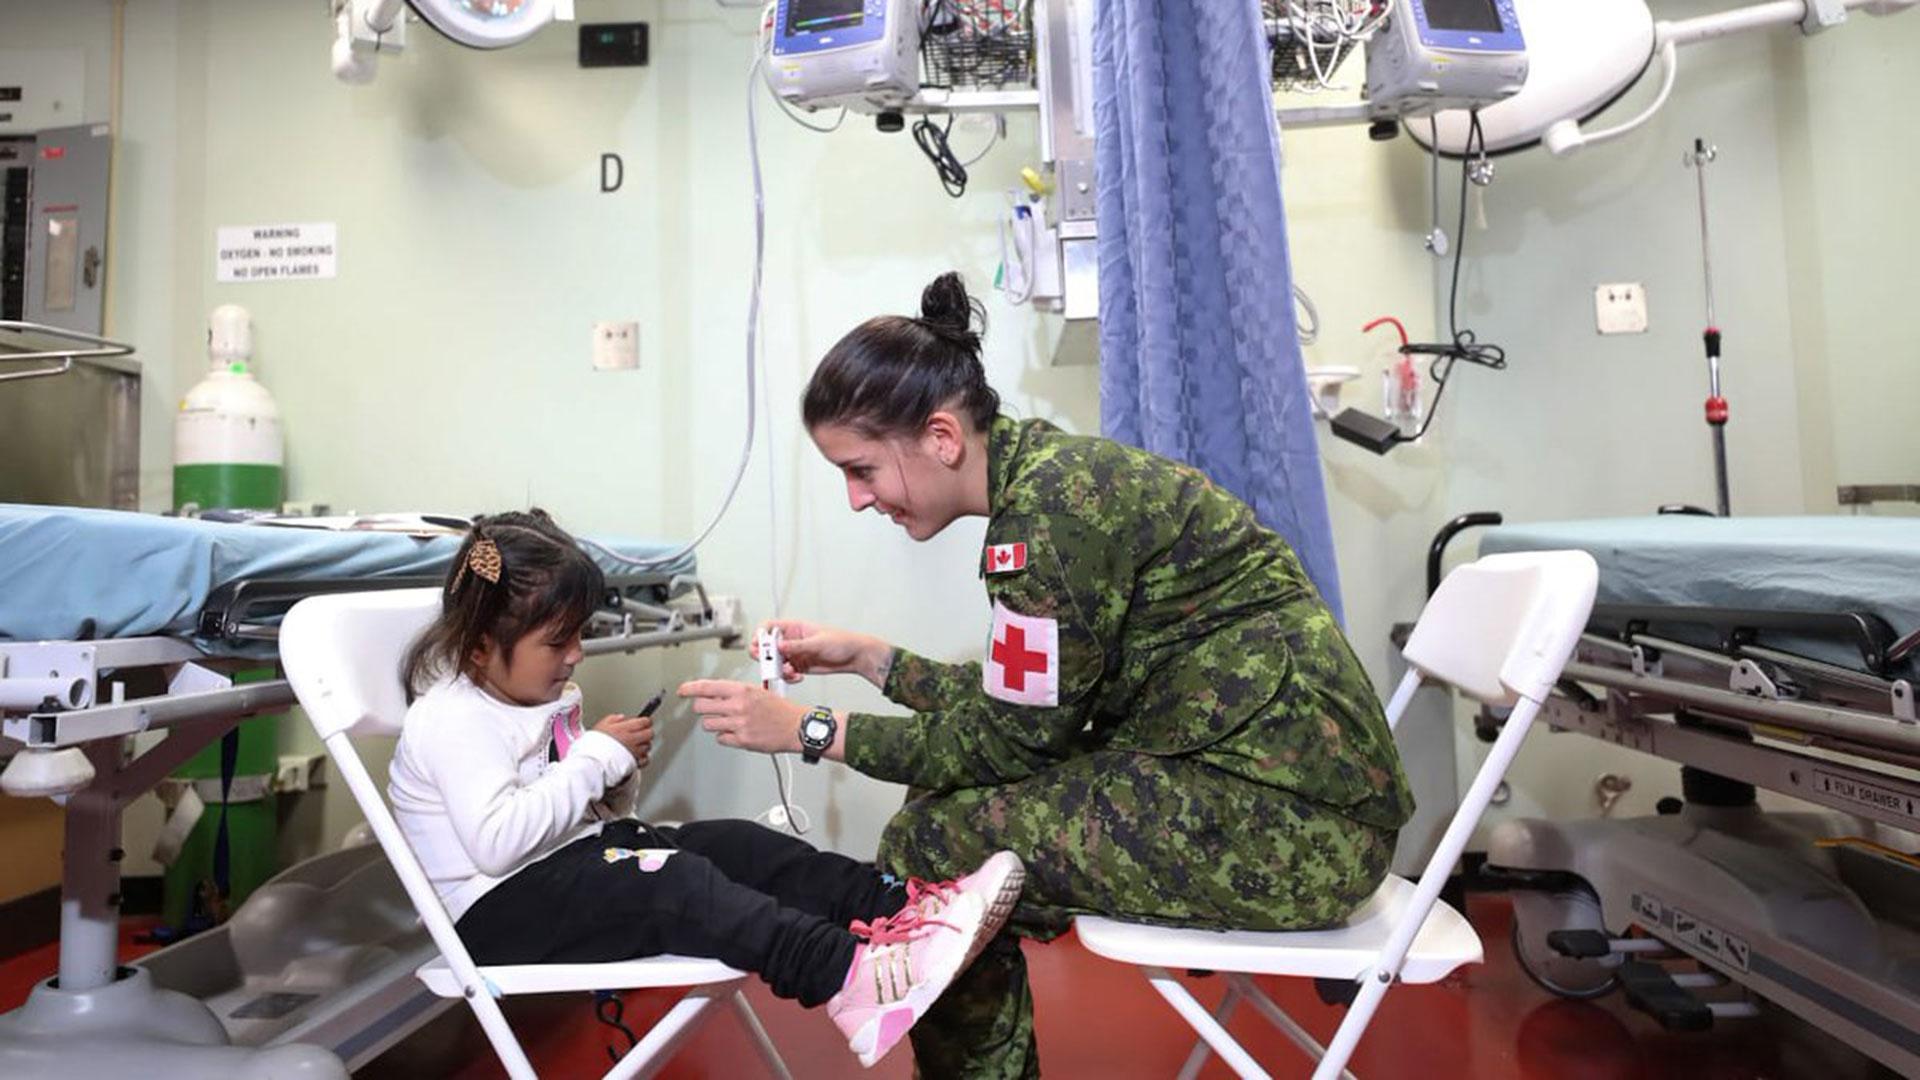 """""""Se realizarán cerca de 500 consultas al día y en promedio se harán también 20 cirugías ambulatorias diarias"""", dijo en una rueda de prensa el ministro de Salud de Colombia, Juan Pablo Uribe"""